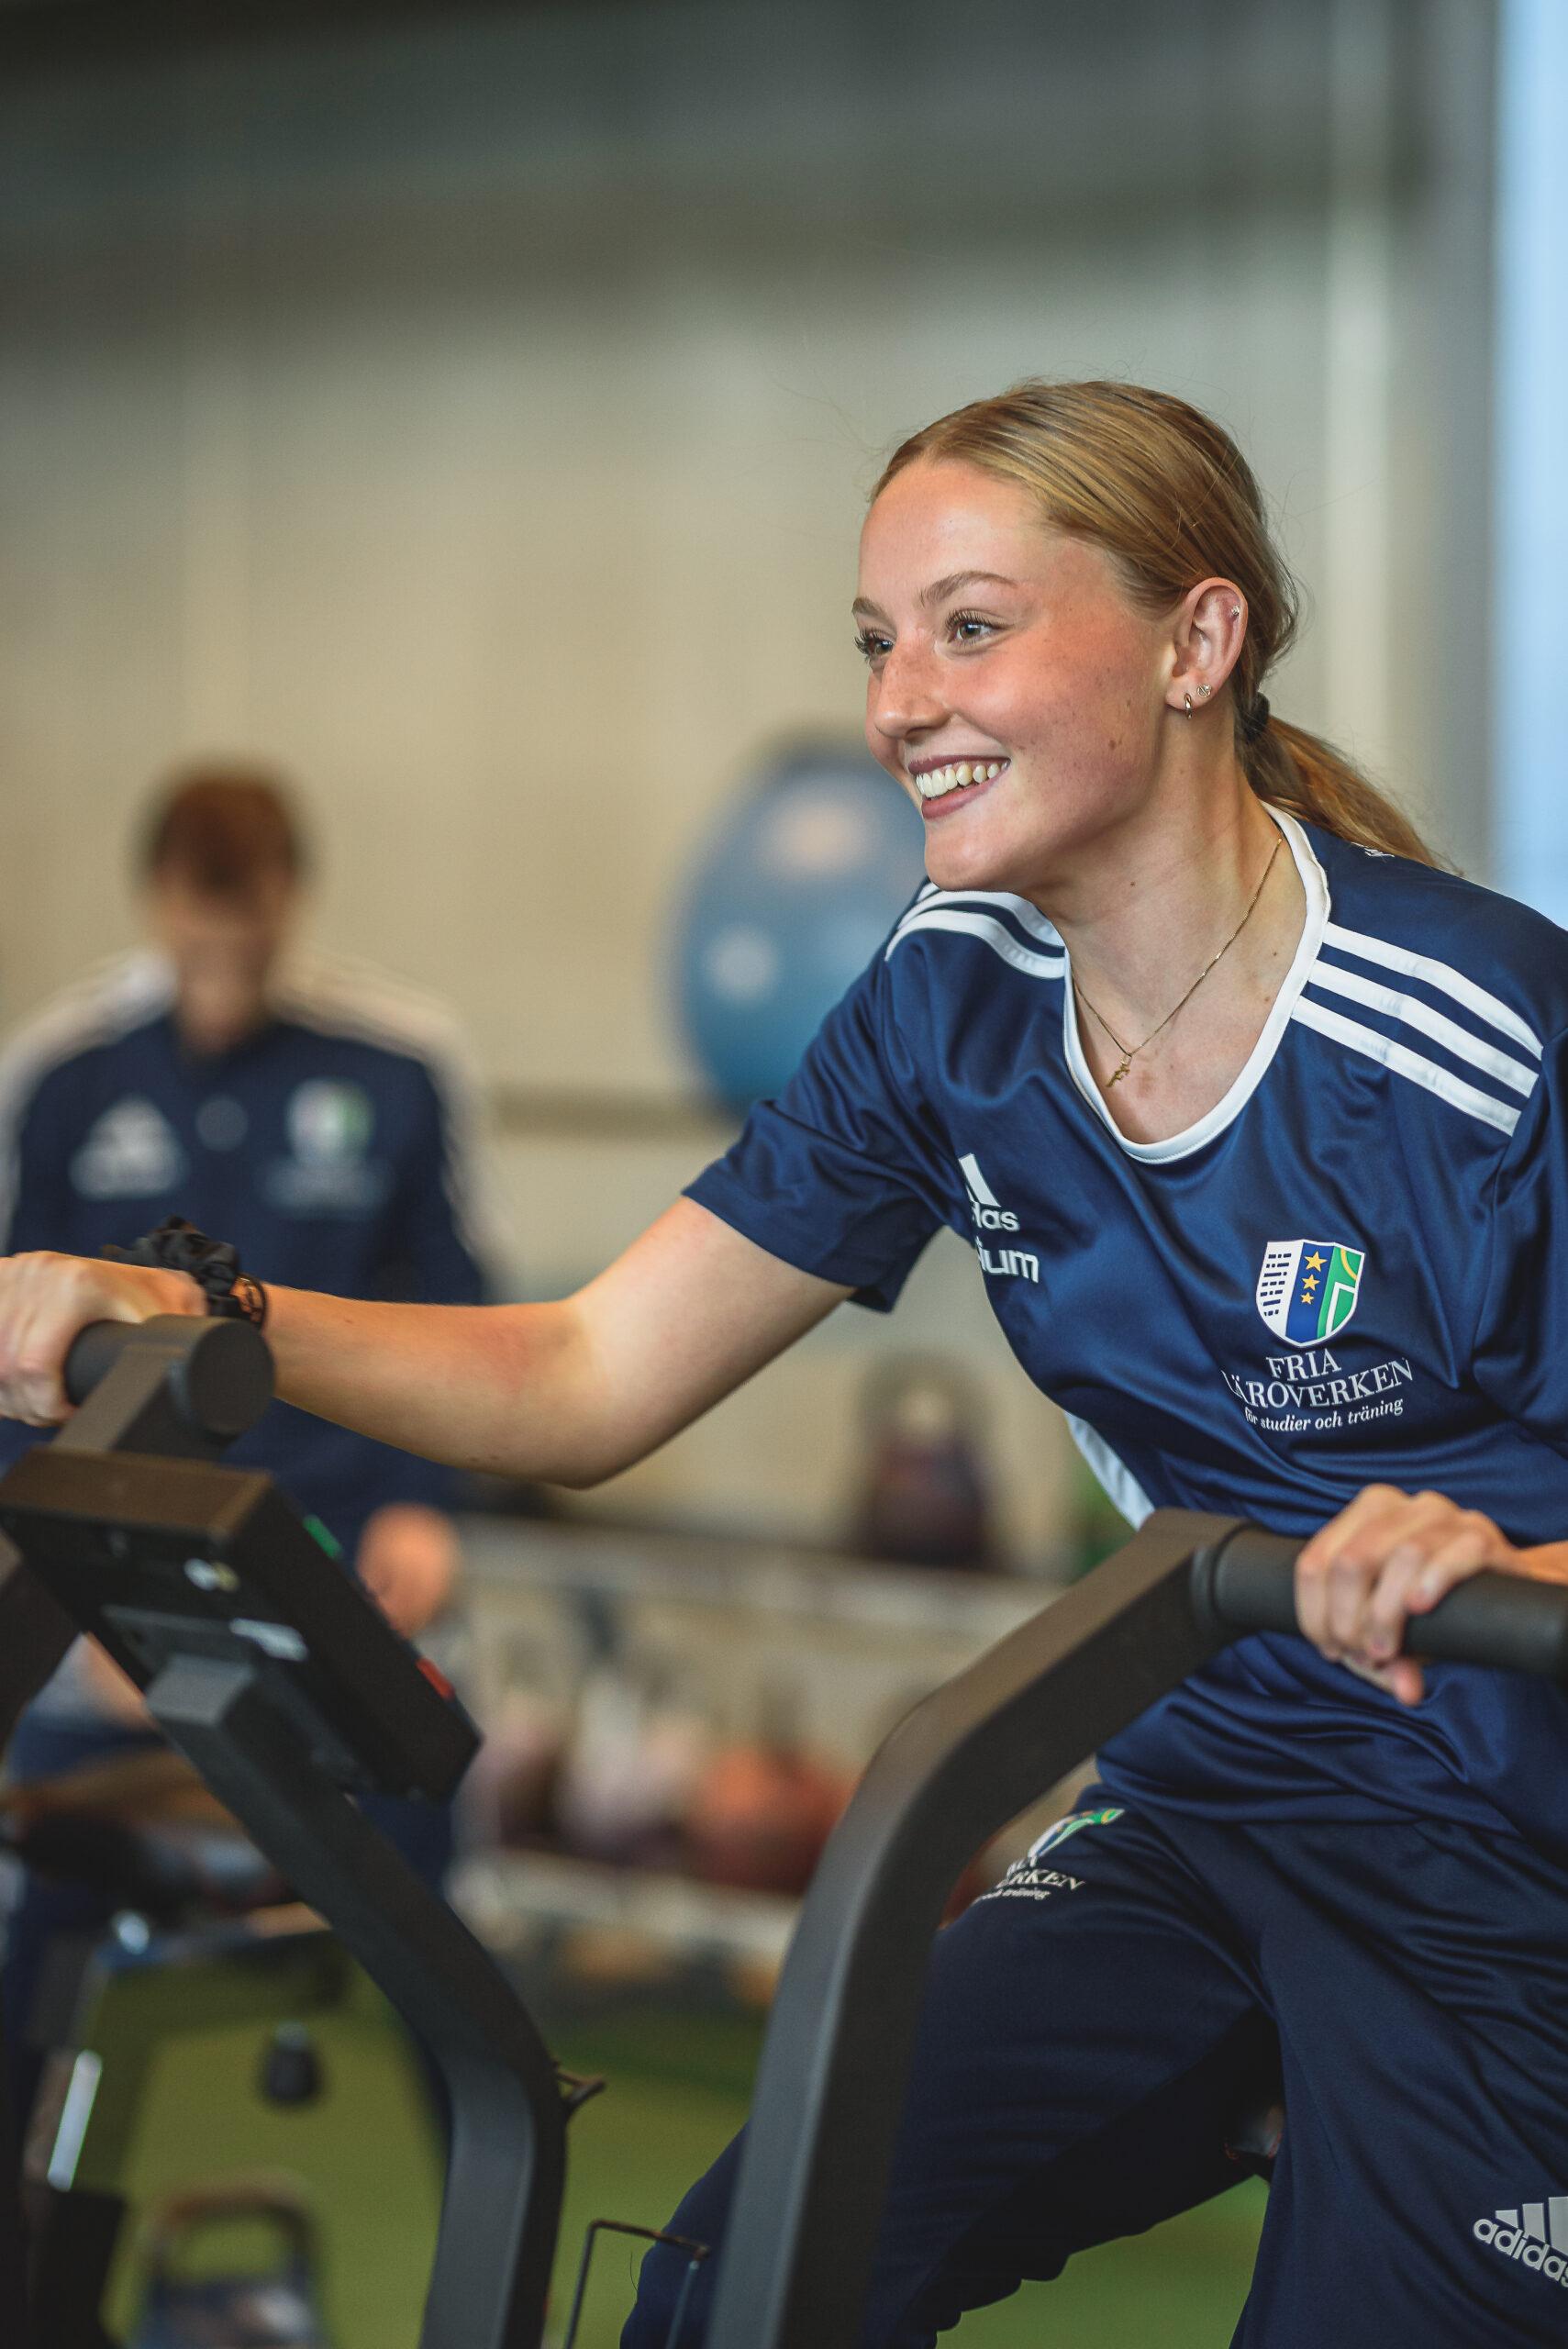 En tjej cyklar på en motionscykel på gymmet